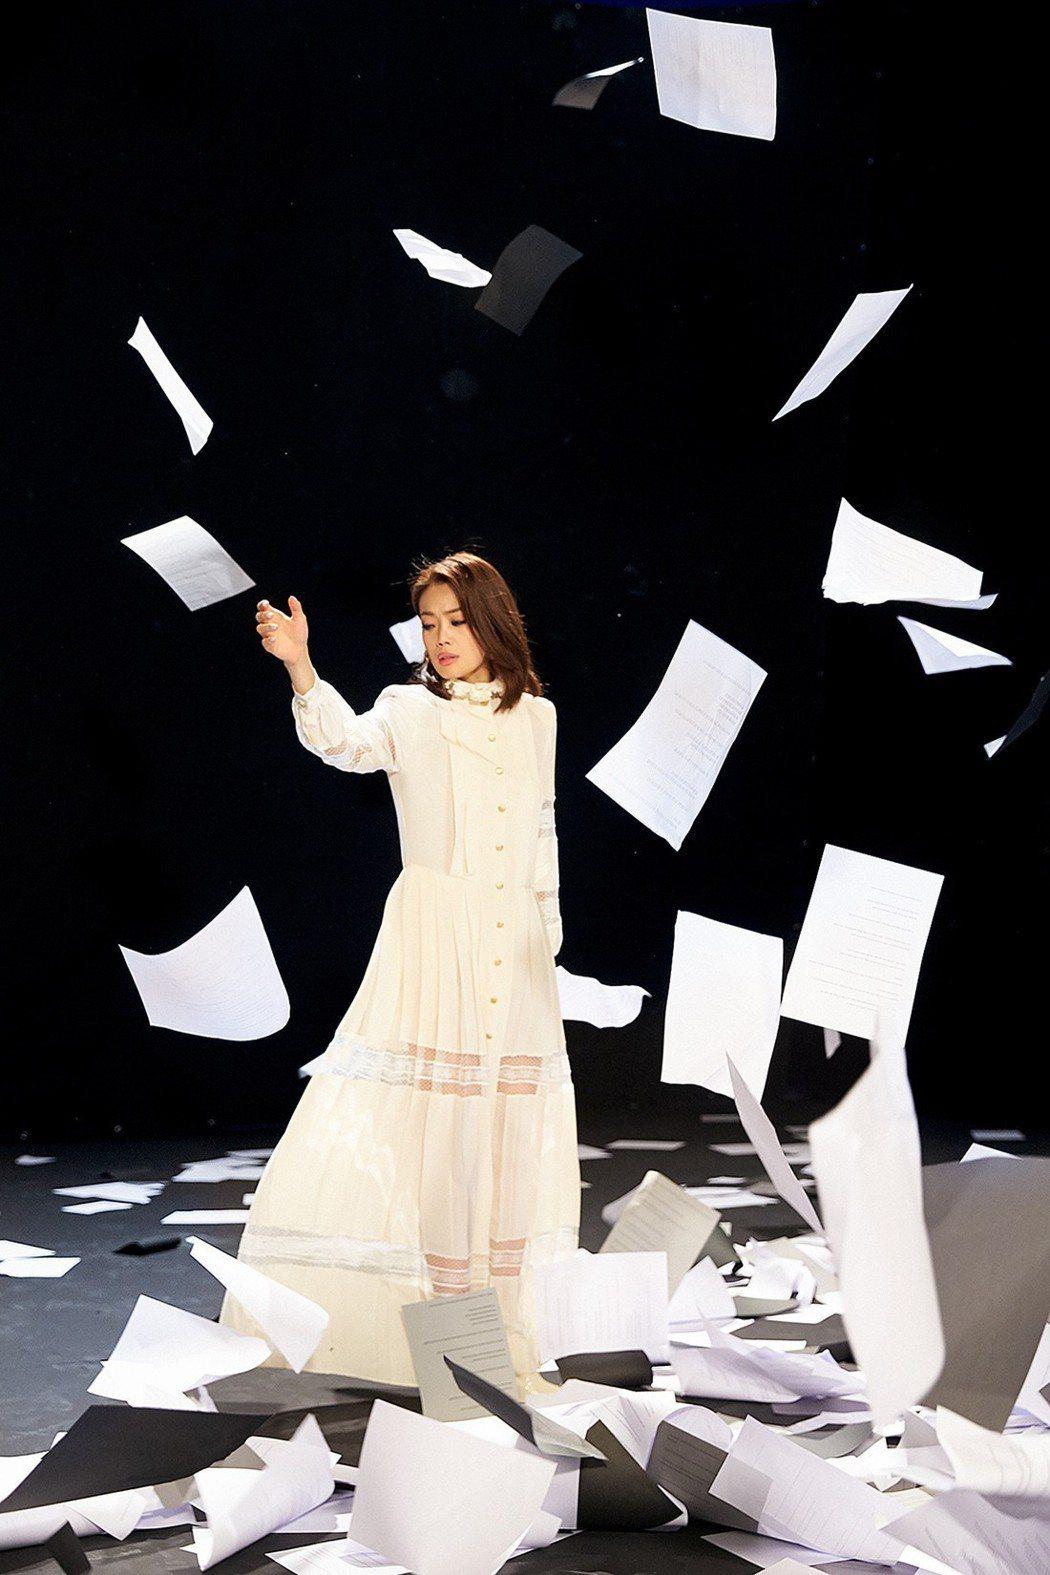 容祖兒在MV中扮演「說書人」。圖/英皇娛樂提供